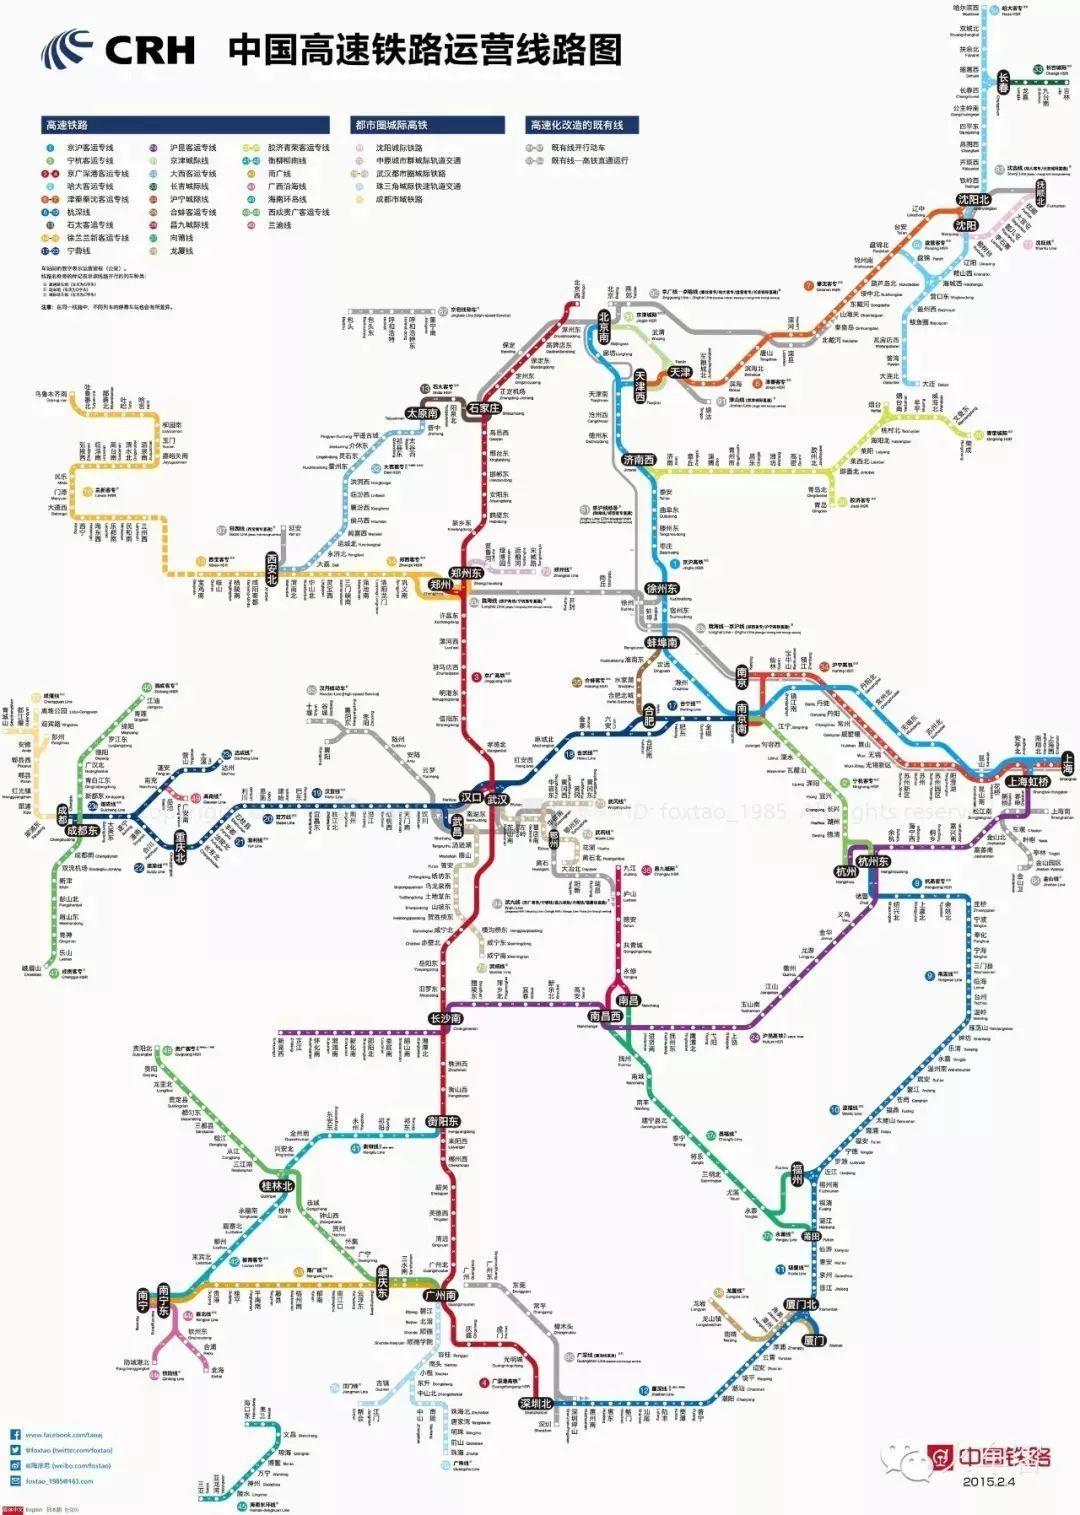 茂名高铁最新消息,每天16辆动车对开,半个多小时一班,深茂铁路完整列车时刻表